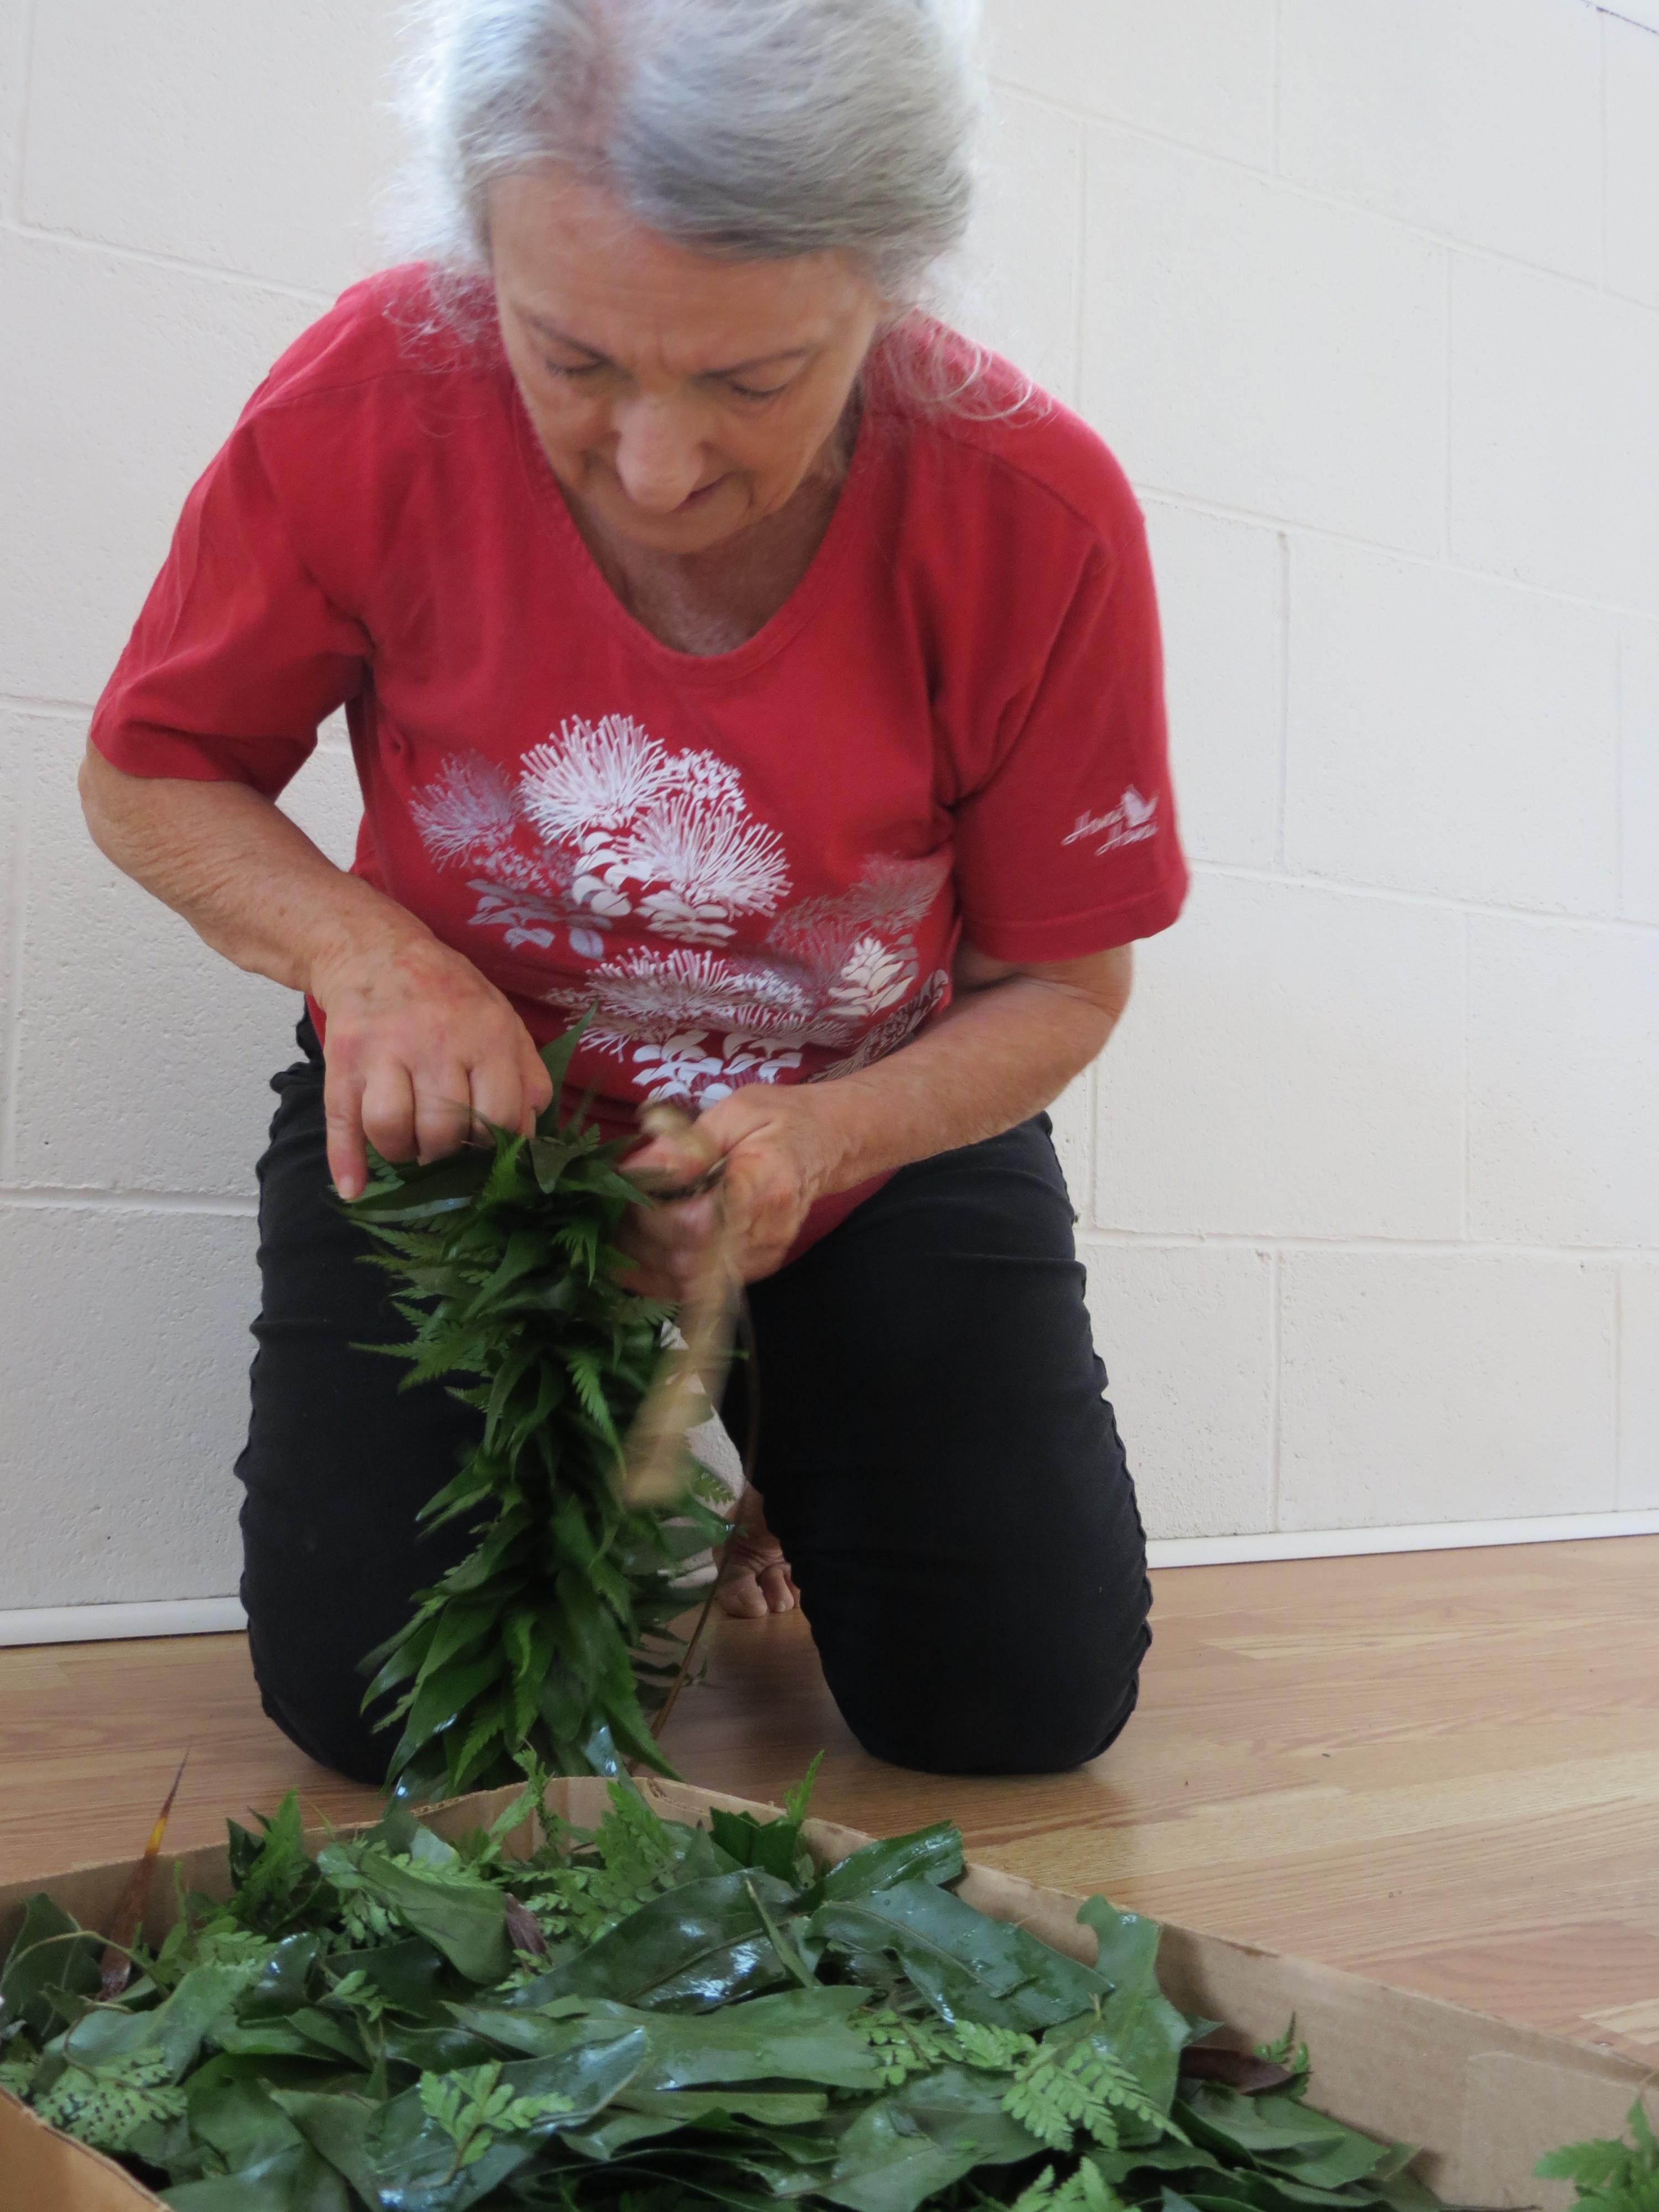 ハワイ島でフラを学ぶ クムフラからレイメキングを学ぶ